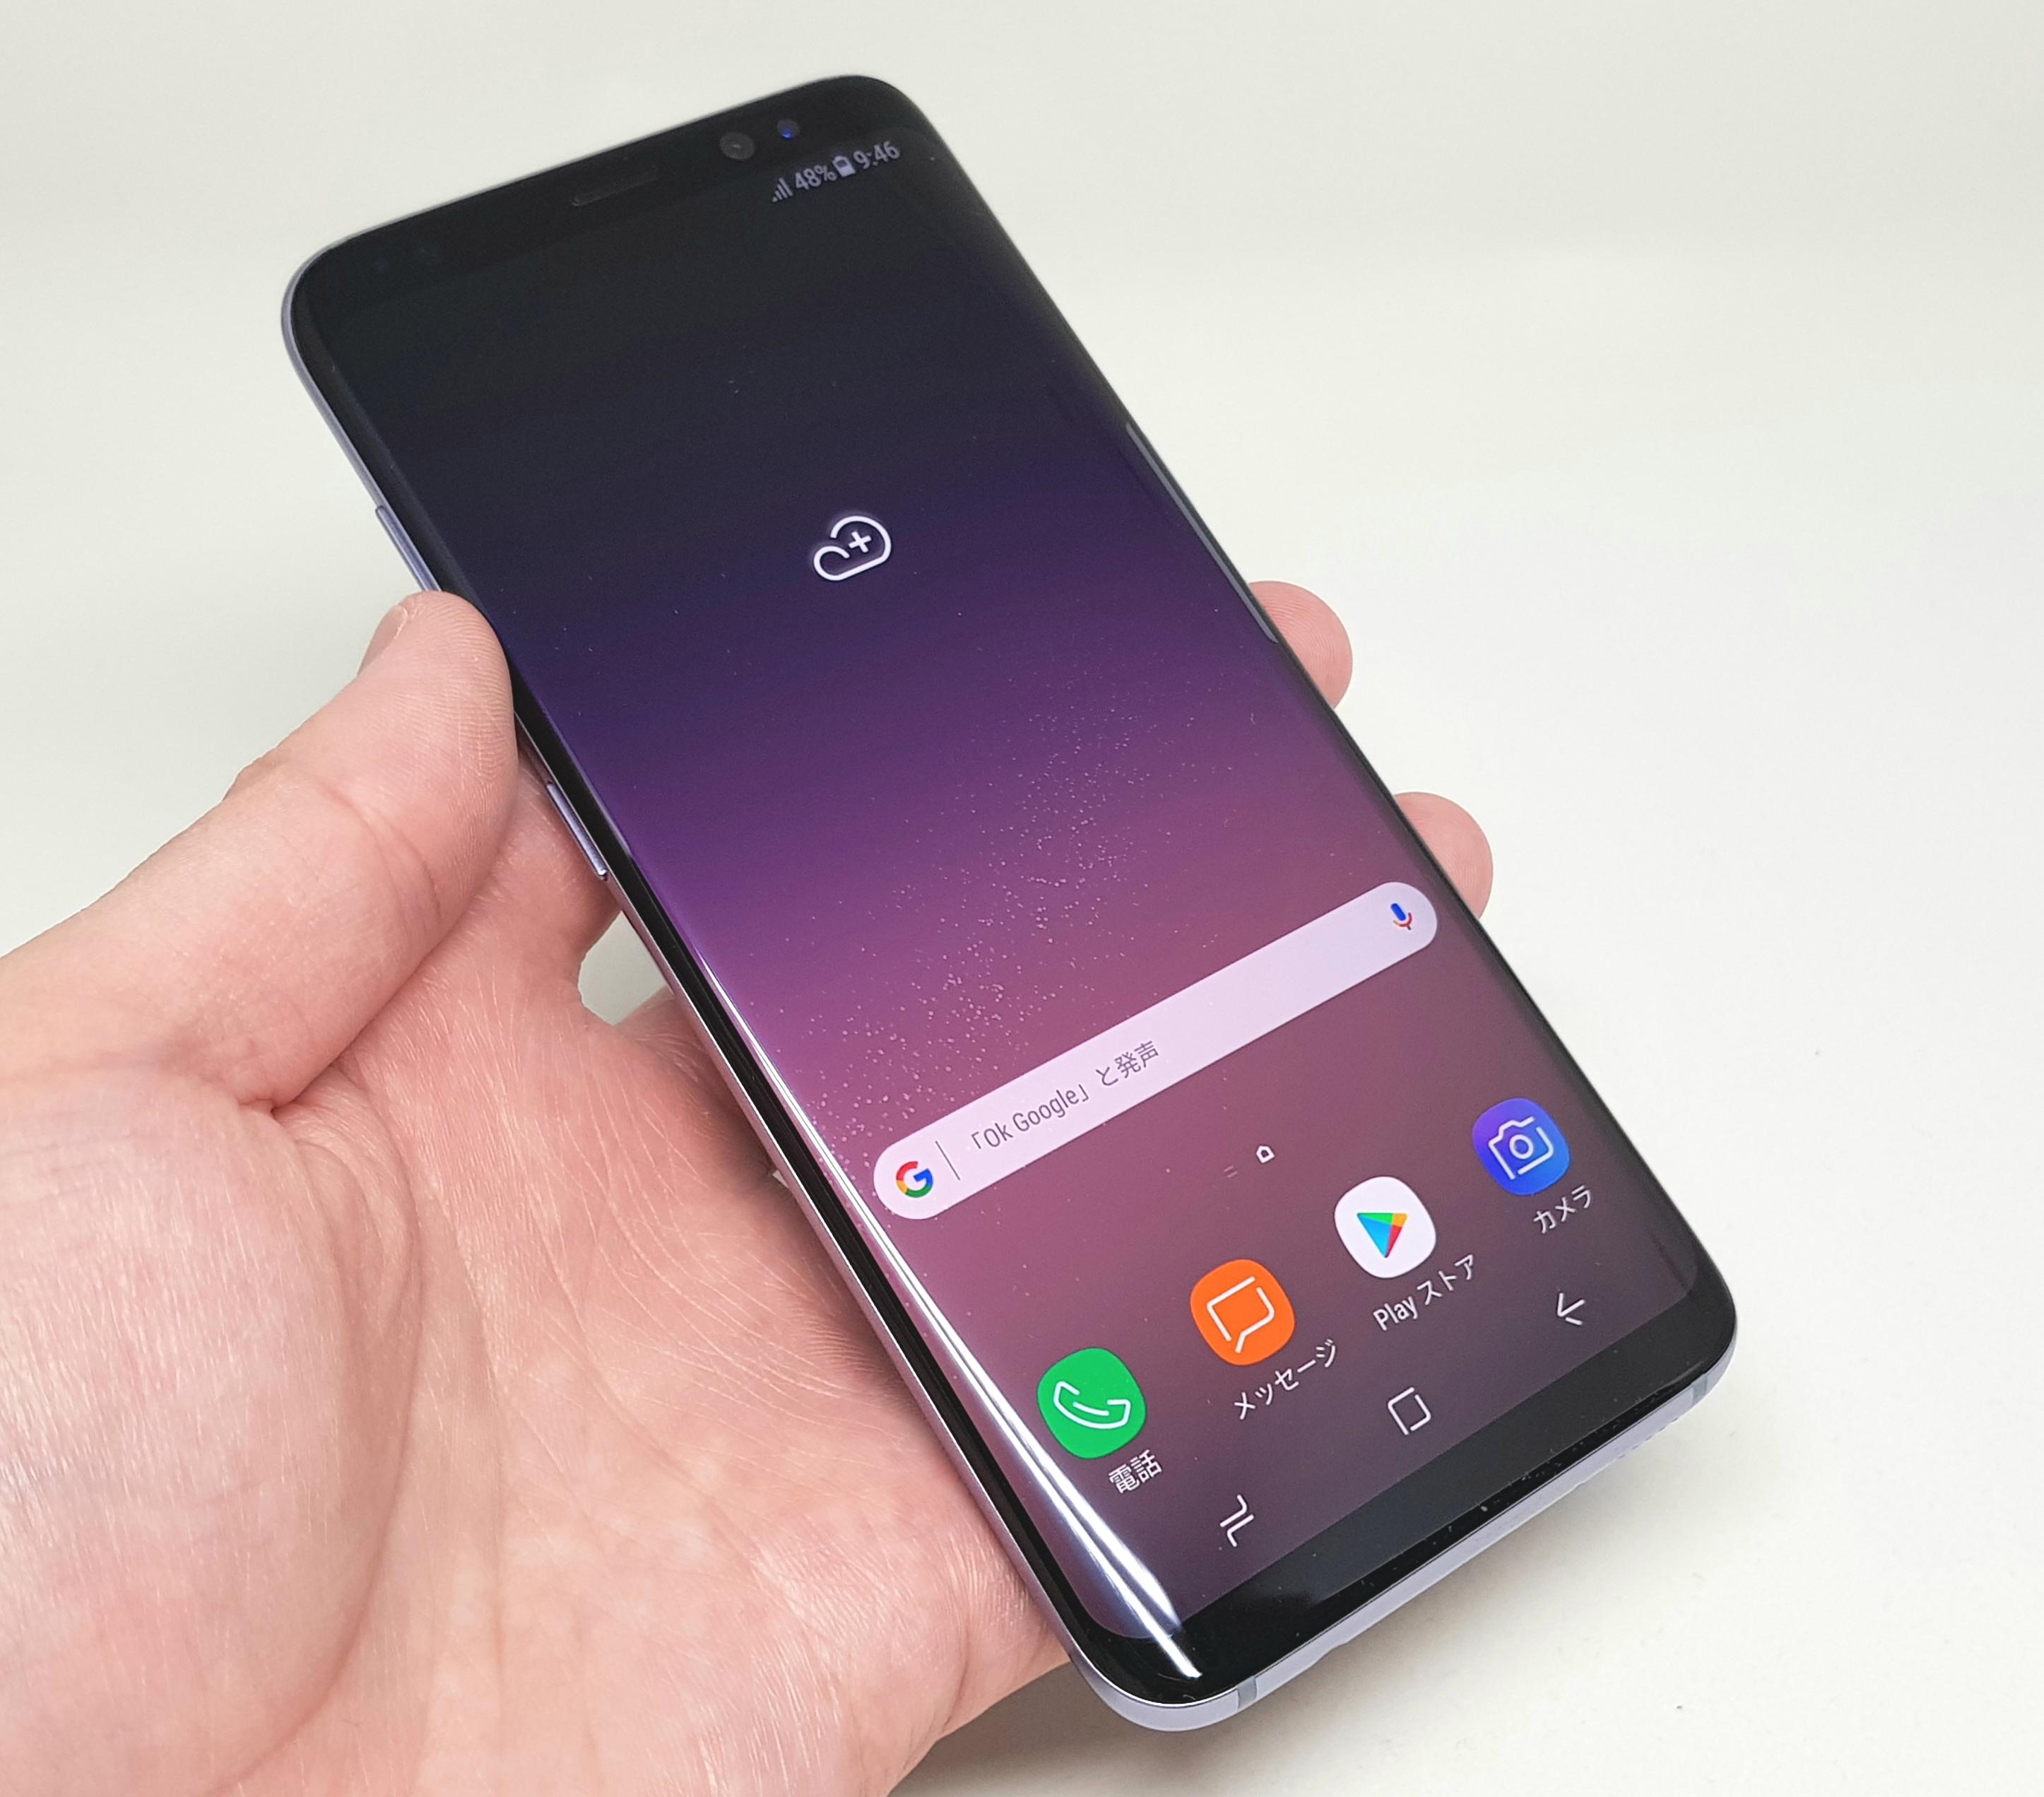 美しく完成された完璧なスマホ海外版「Galaxy S8」を実機レビュー!